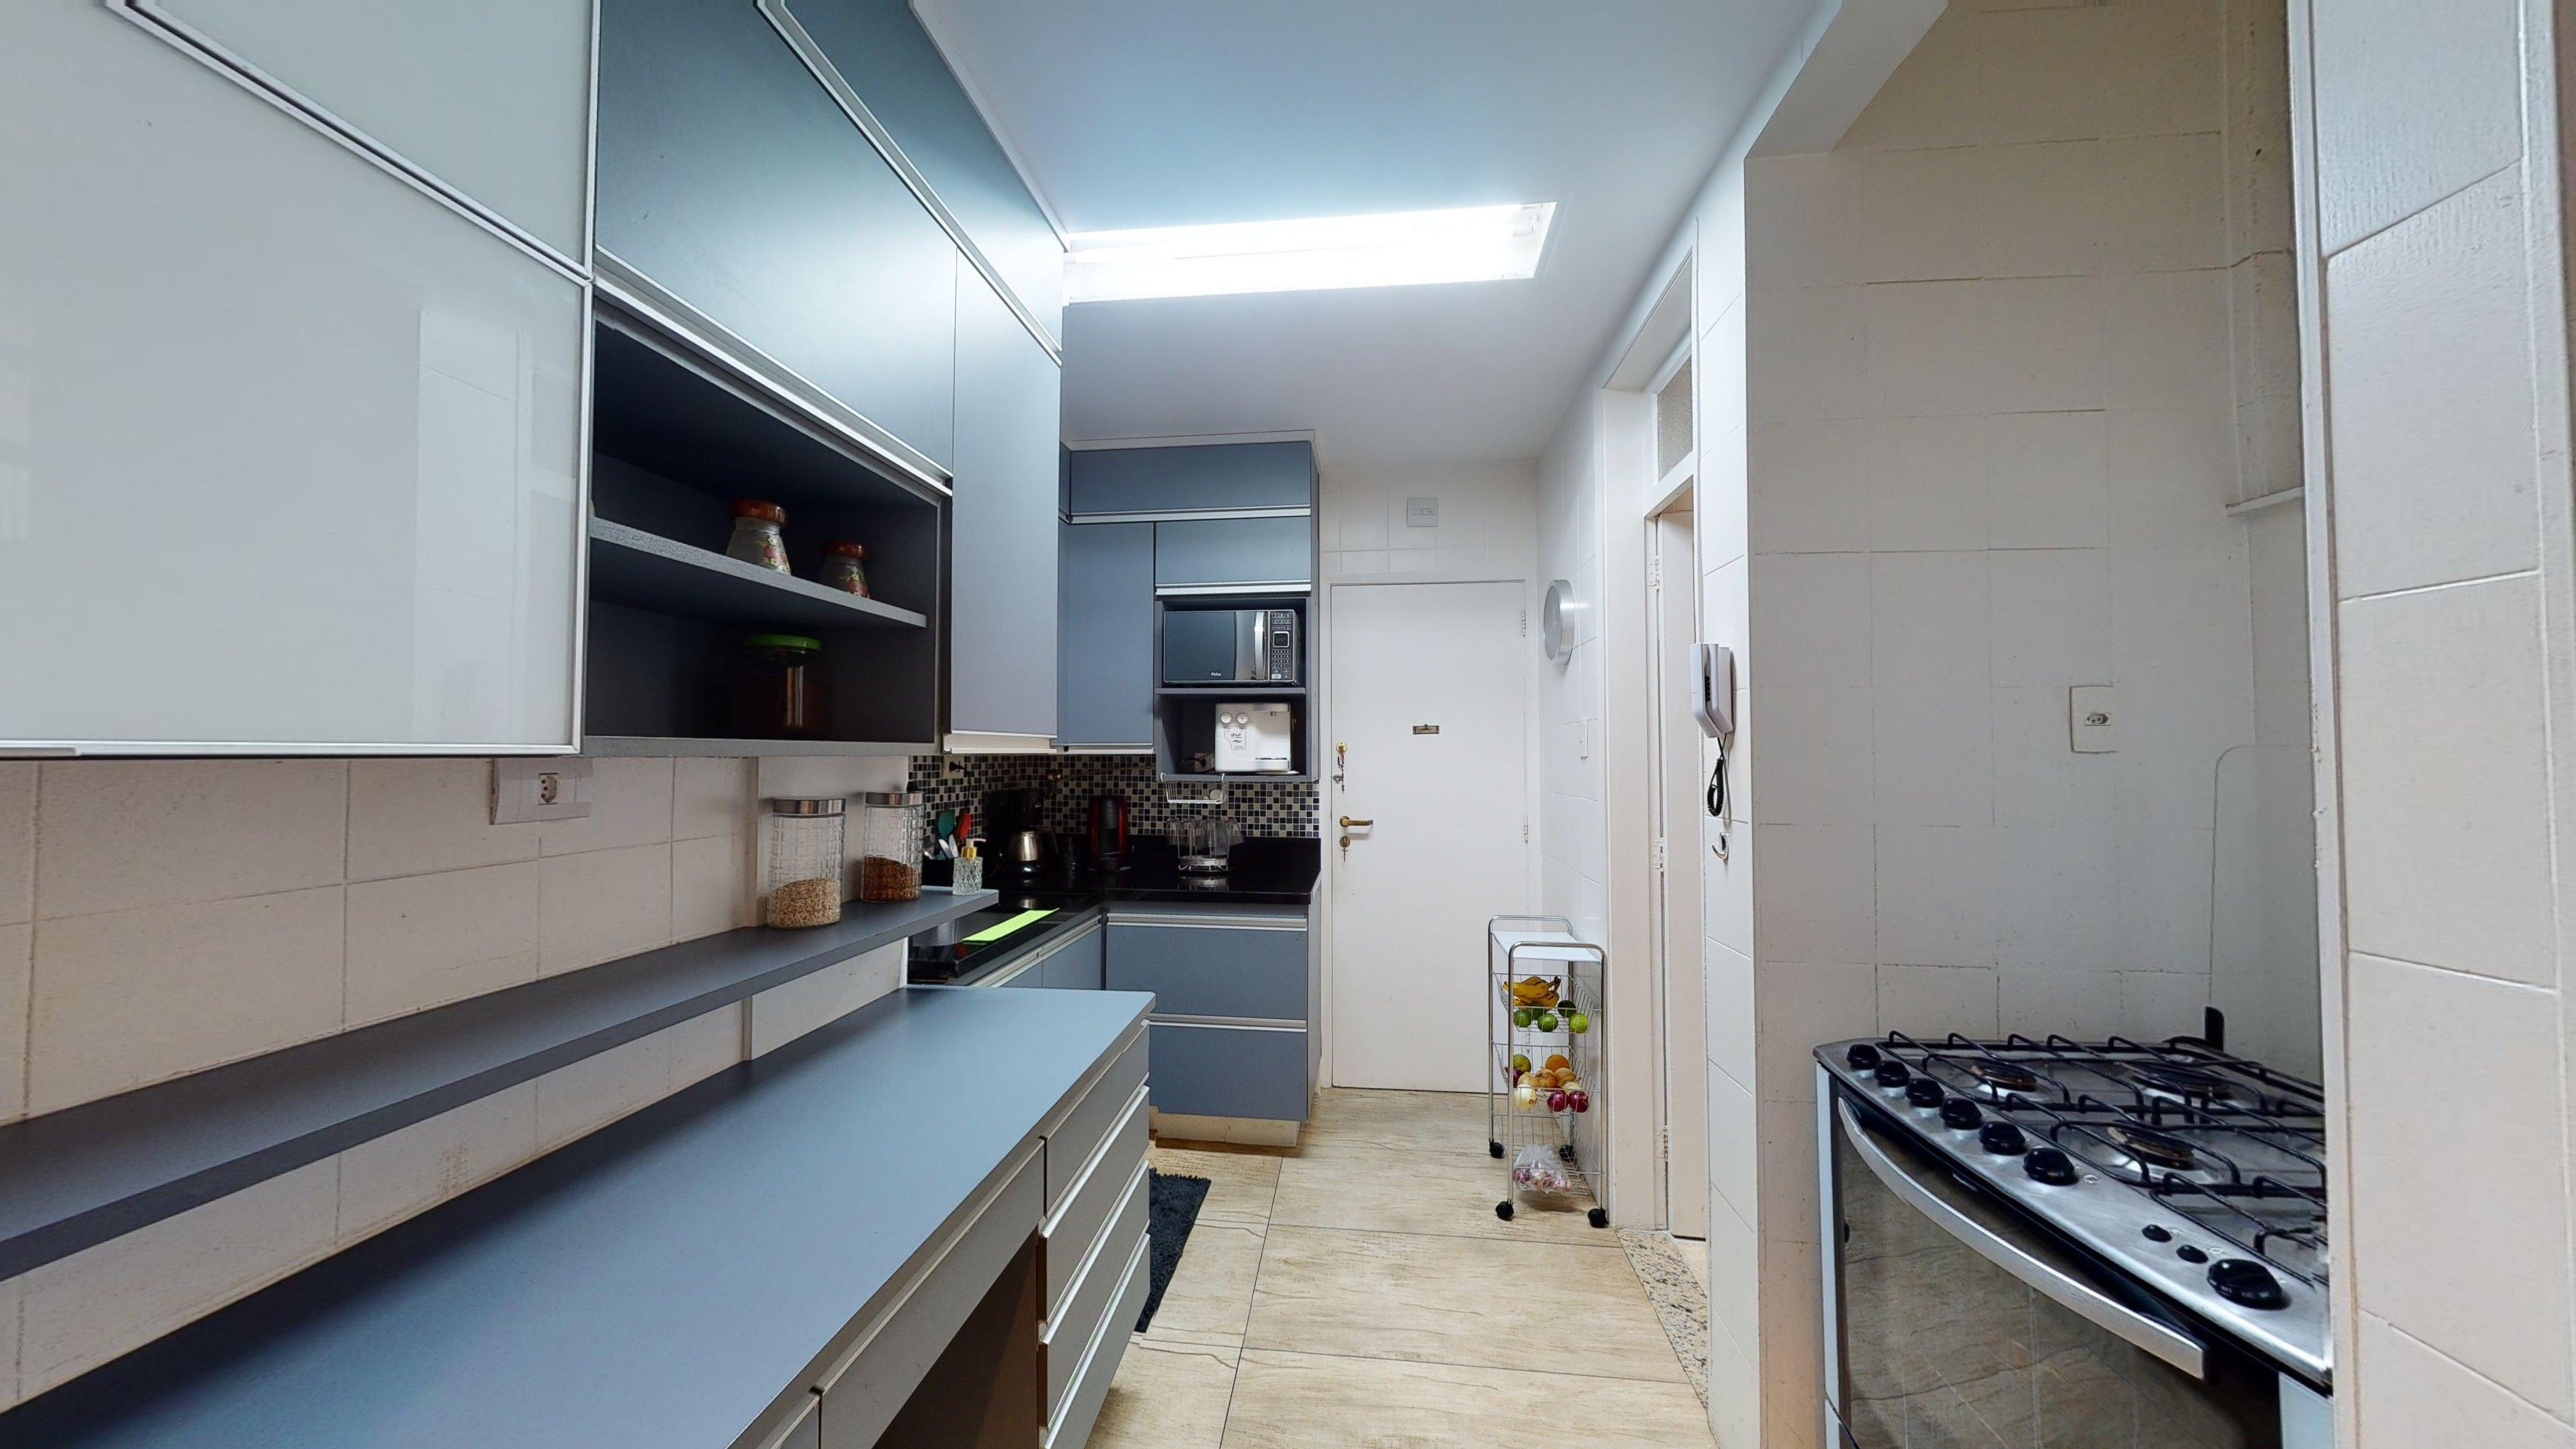 Foto de Cozinha com forno, vaso, garrafa